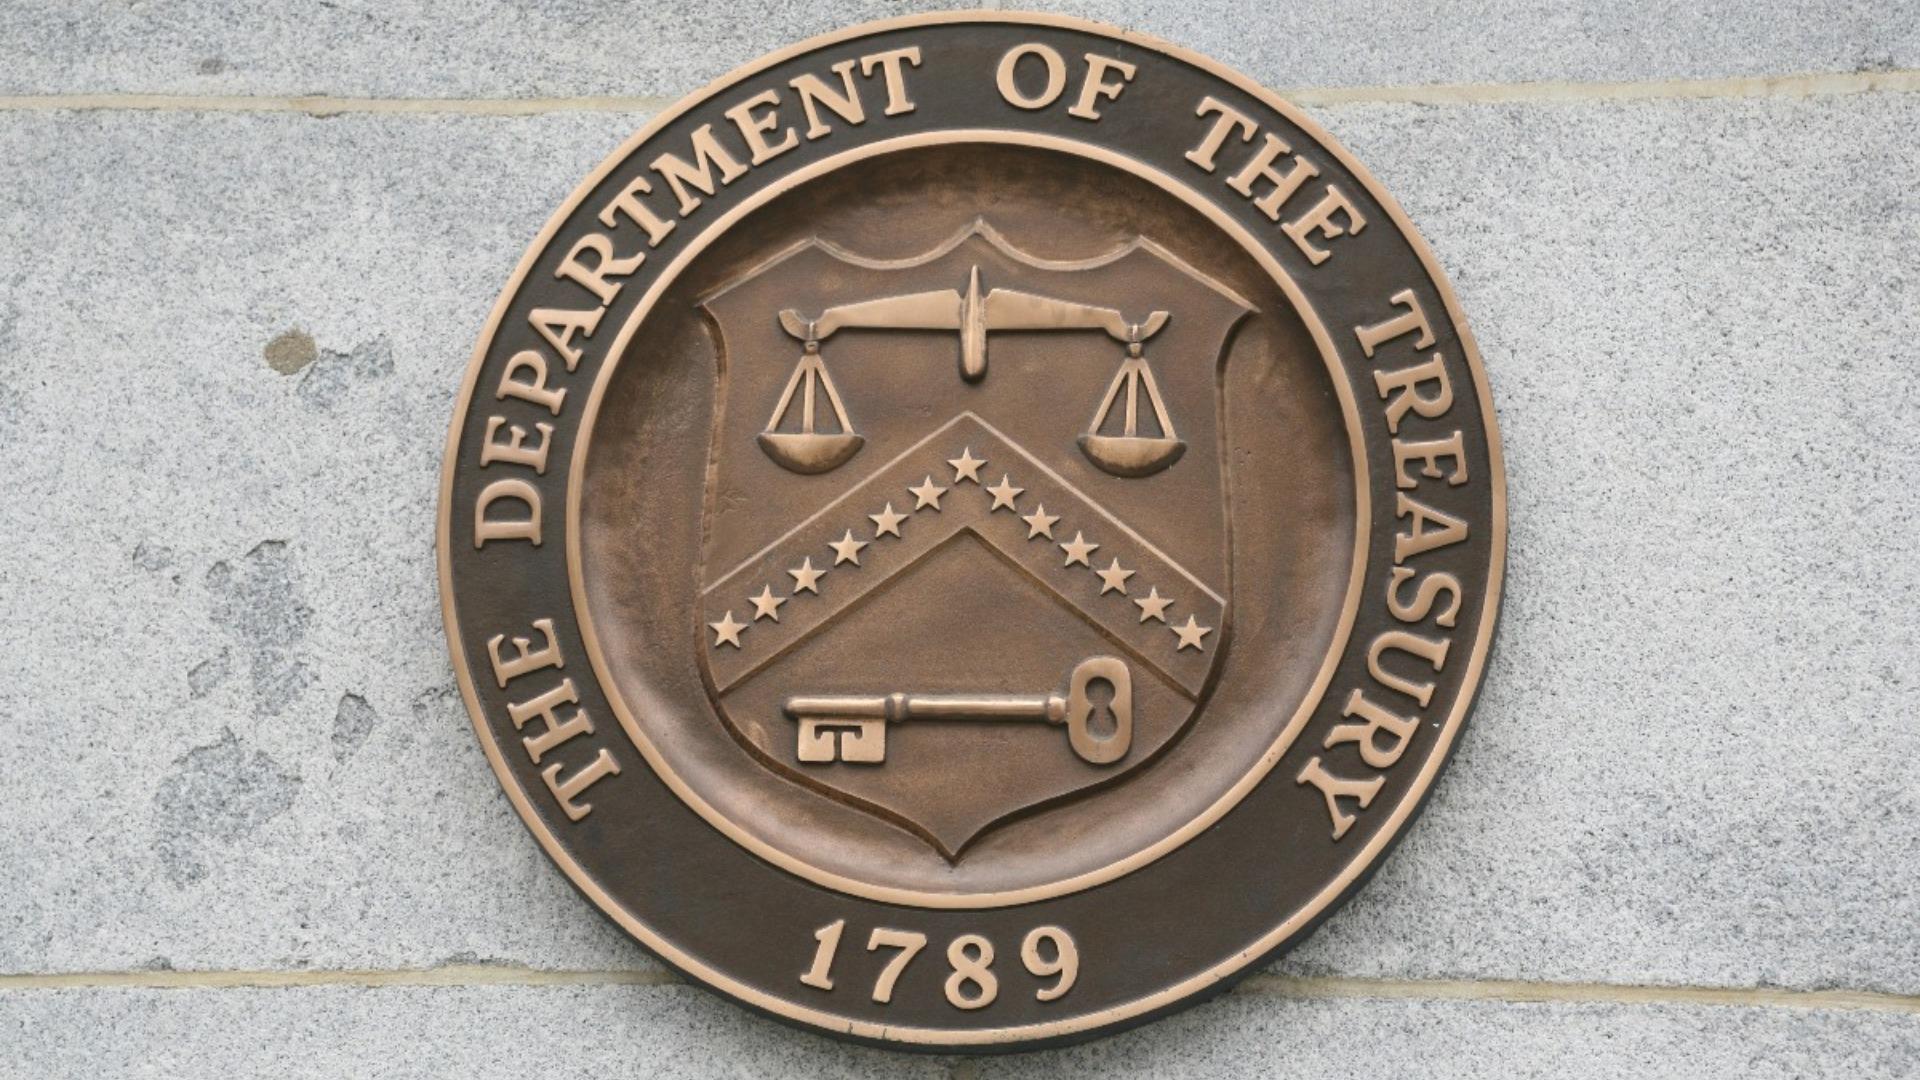 OFAC extiende suspensión de licencia de bonos 2020 hasta julio